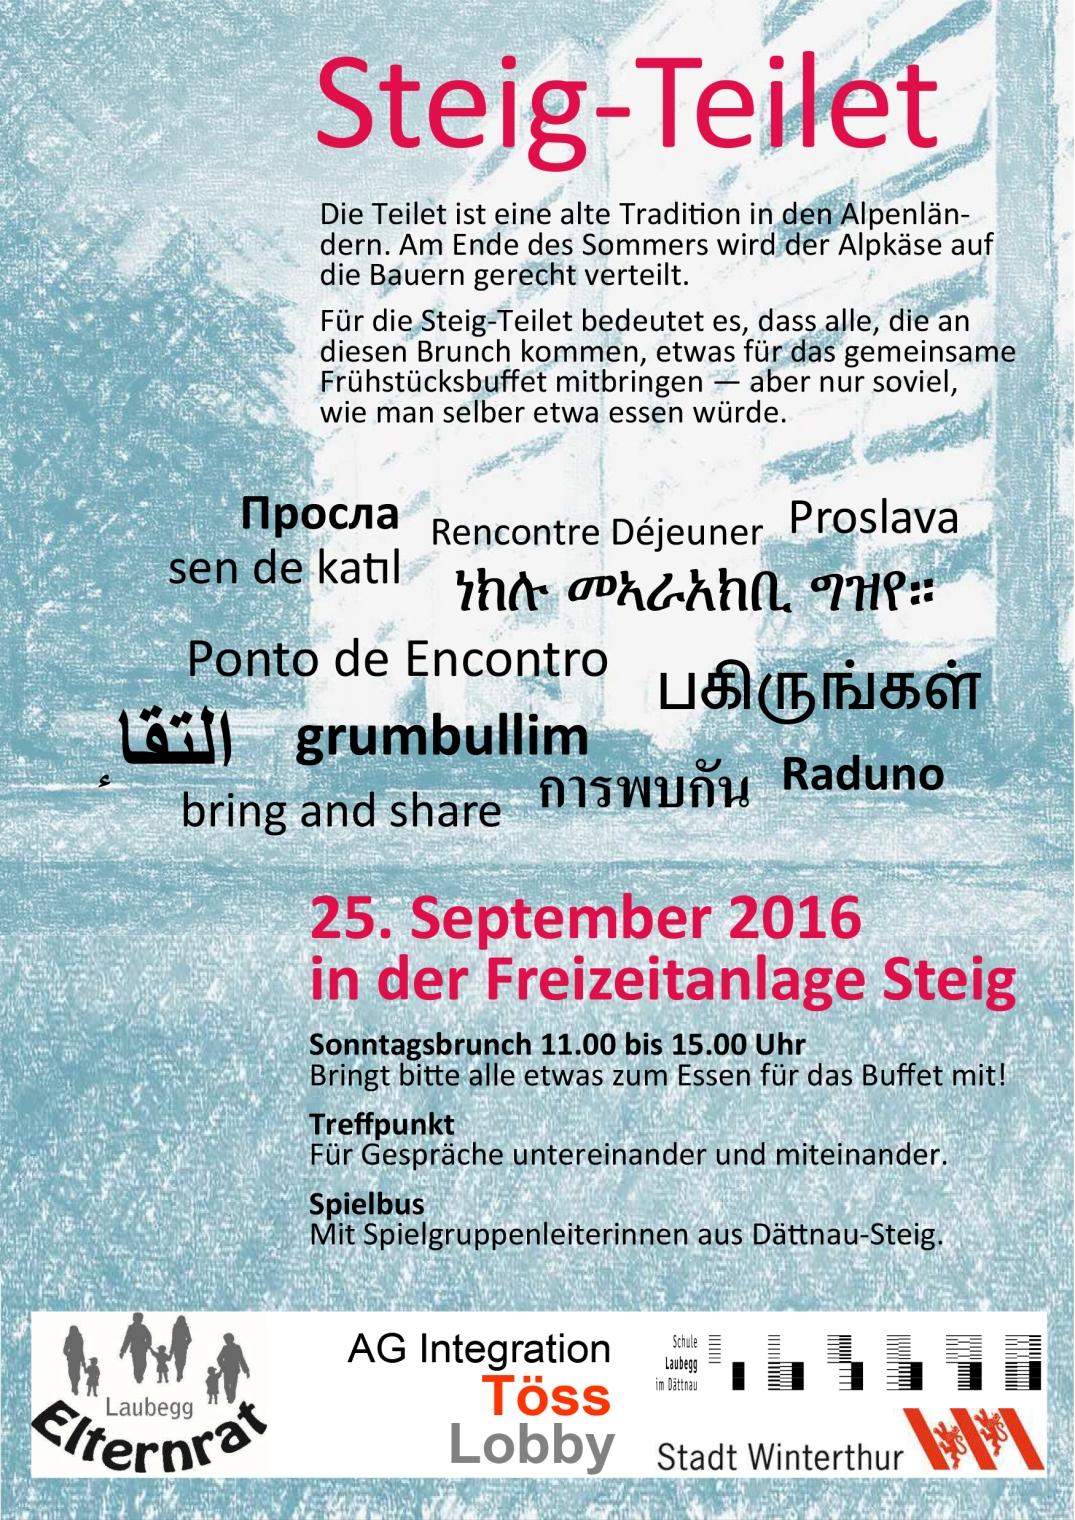 2016 09 03 Flyer Steig-Teilet